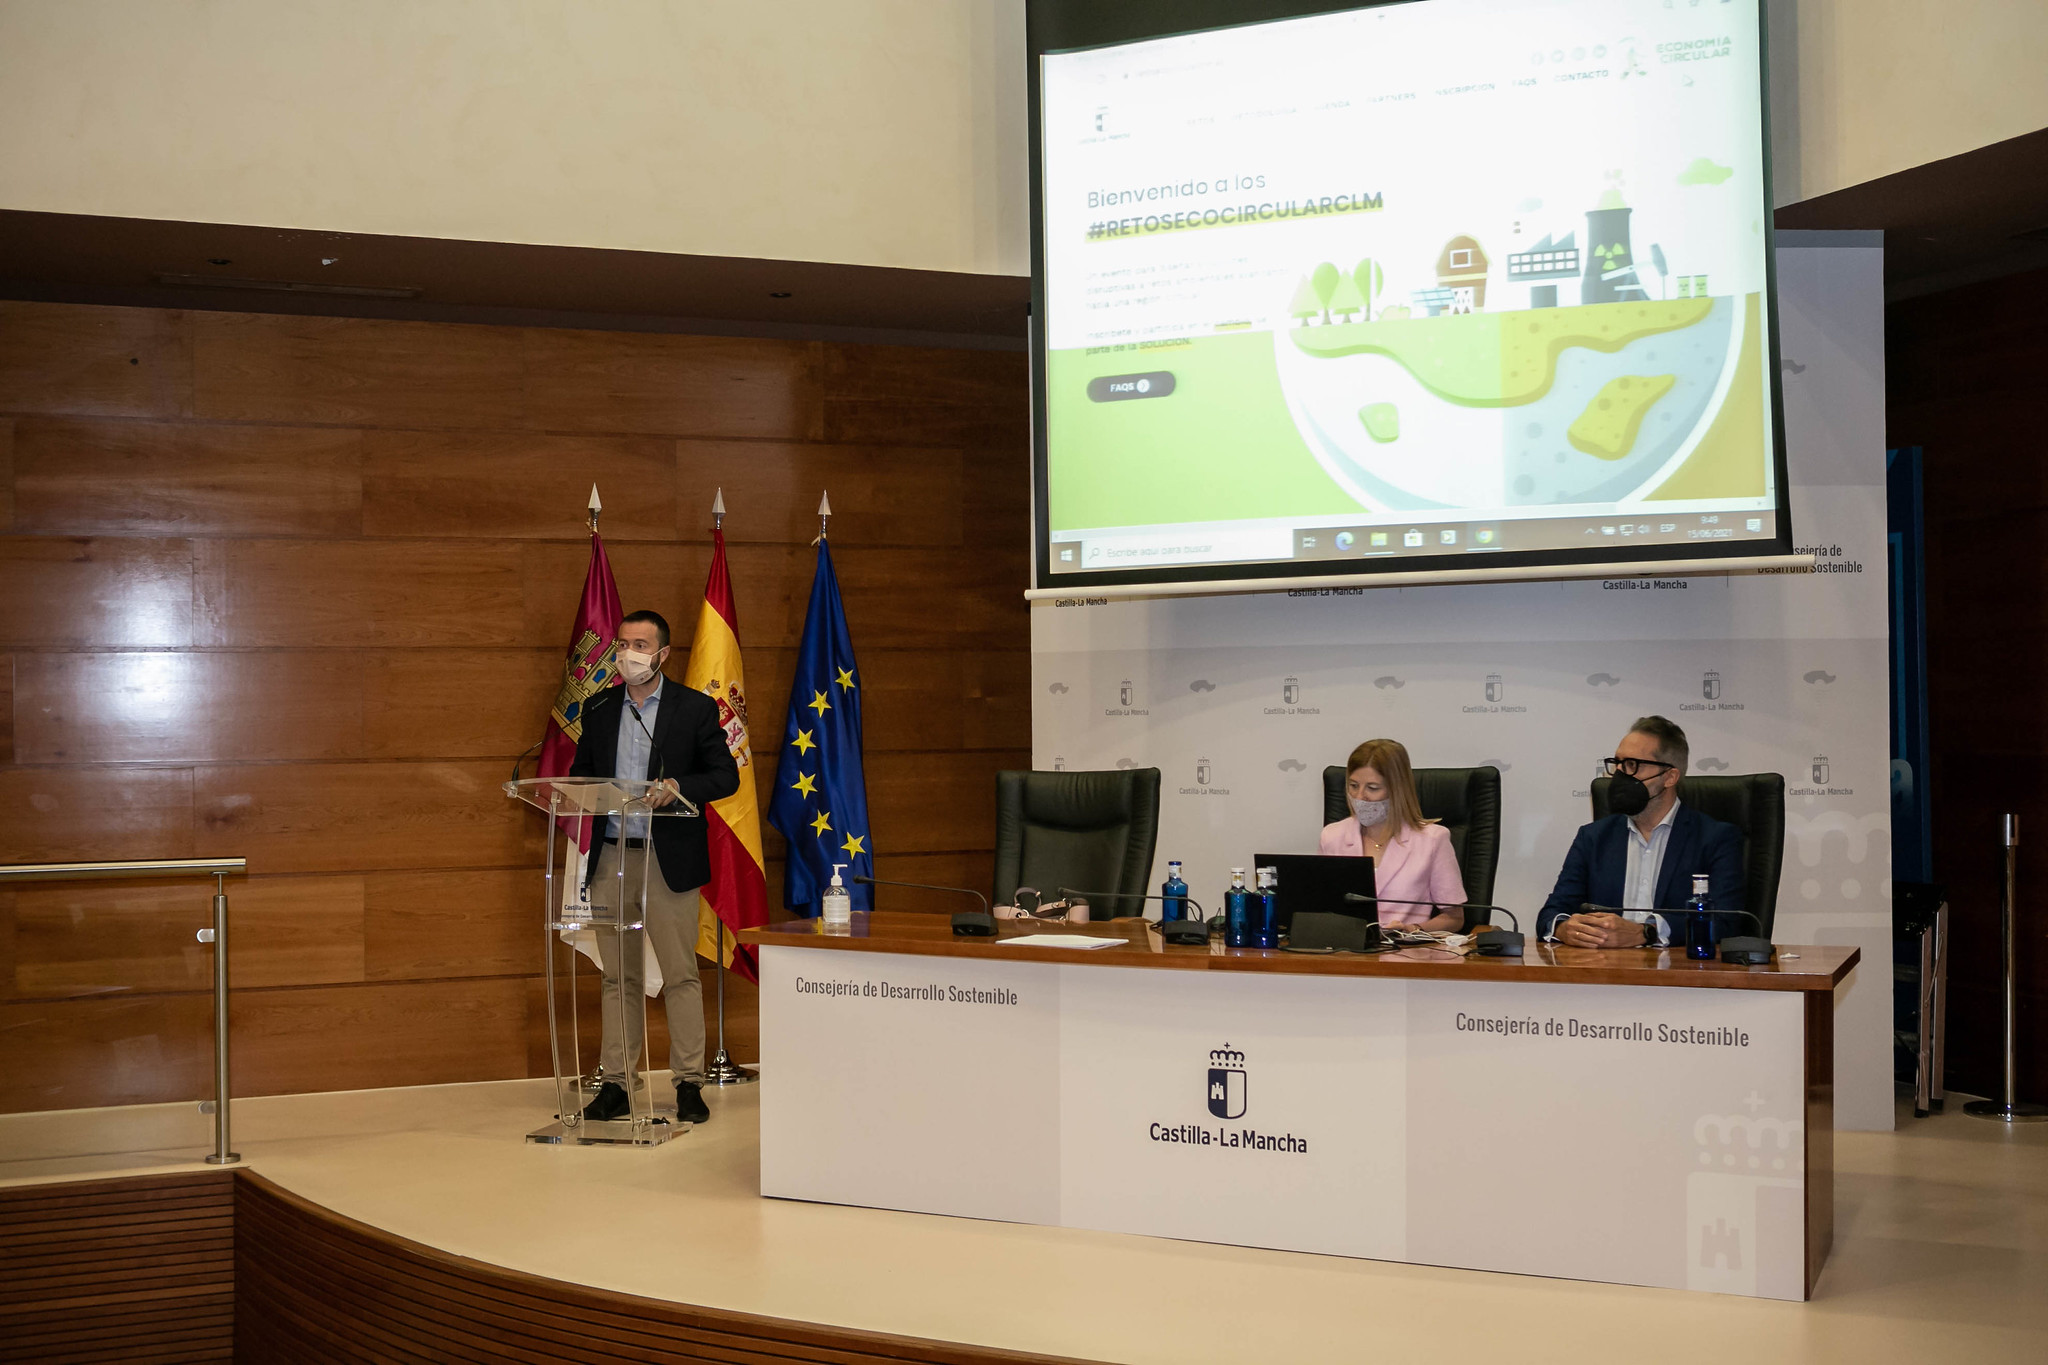 El Gobierno de Castilla-La Mancha celebra del 26 al 28 de octubre el primer 'Hackathon de Economía Circular' con 96 participantes